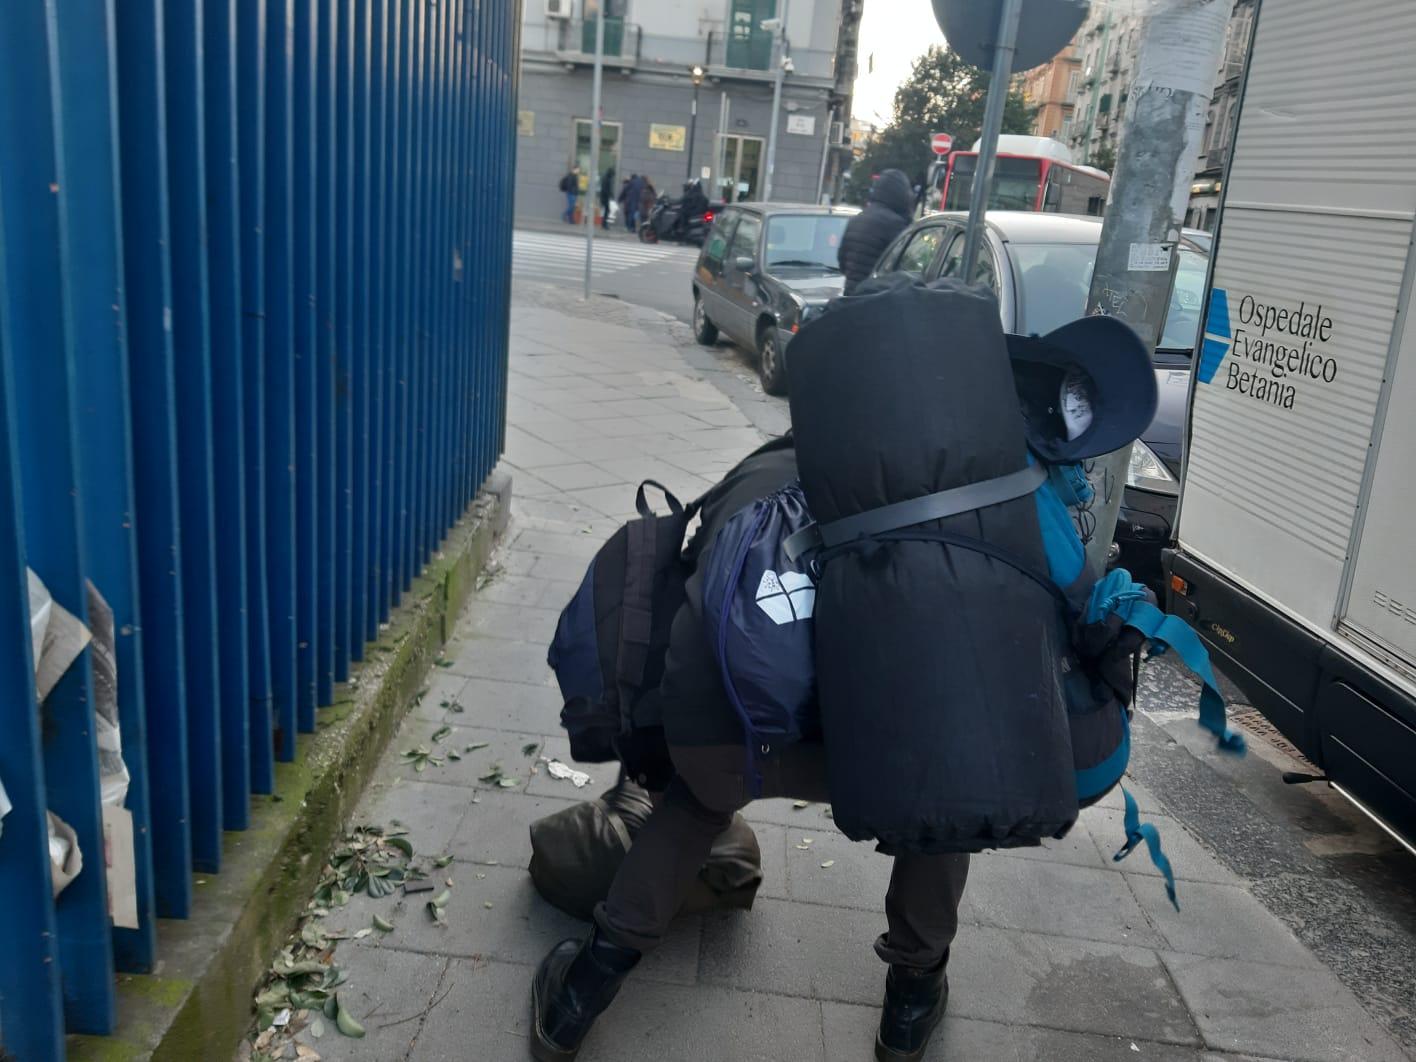 DALLA FONDAZIONE BETANIA KIT PER L'IGIENE PERSONALE AGLI HOMELESS DELLA CITTÀ